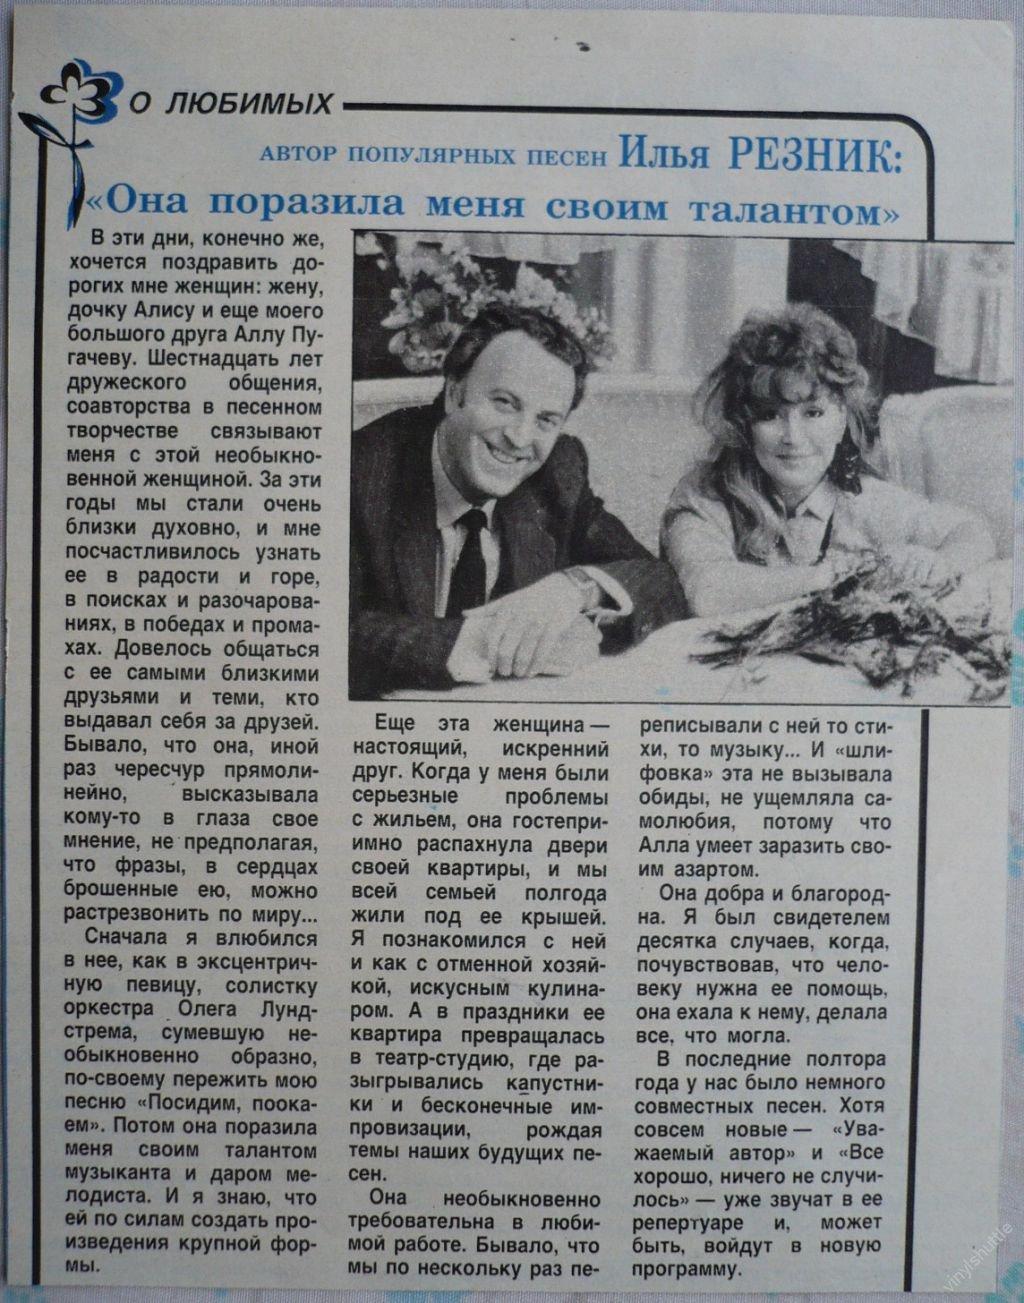 Вырезка из журнала Крестьянка 1988 год